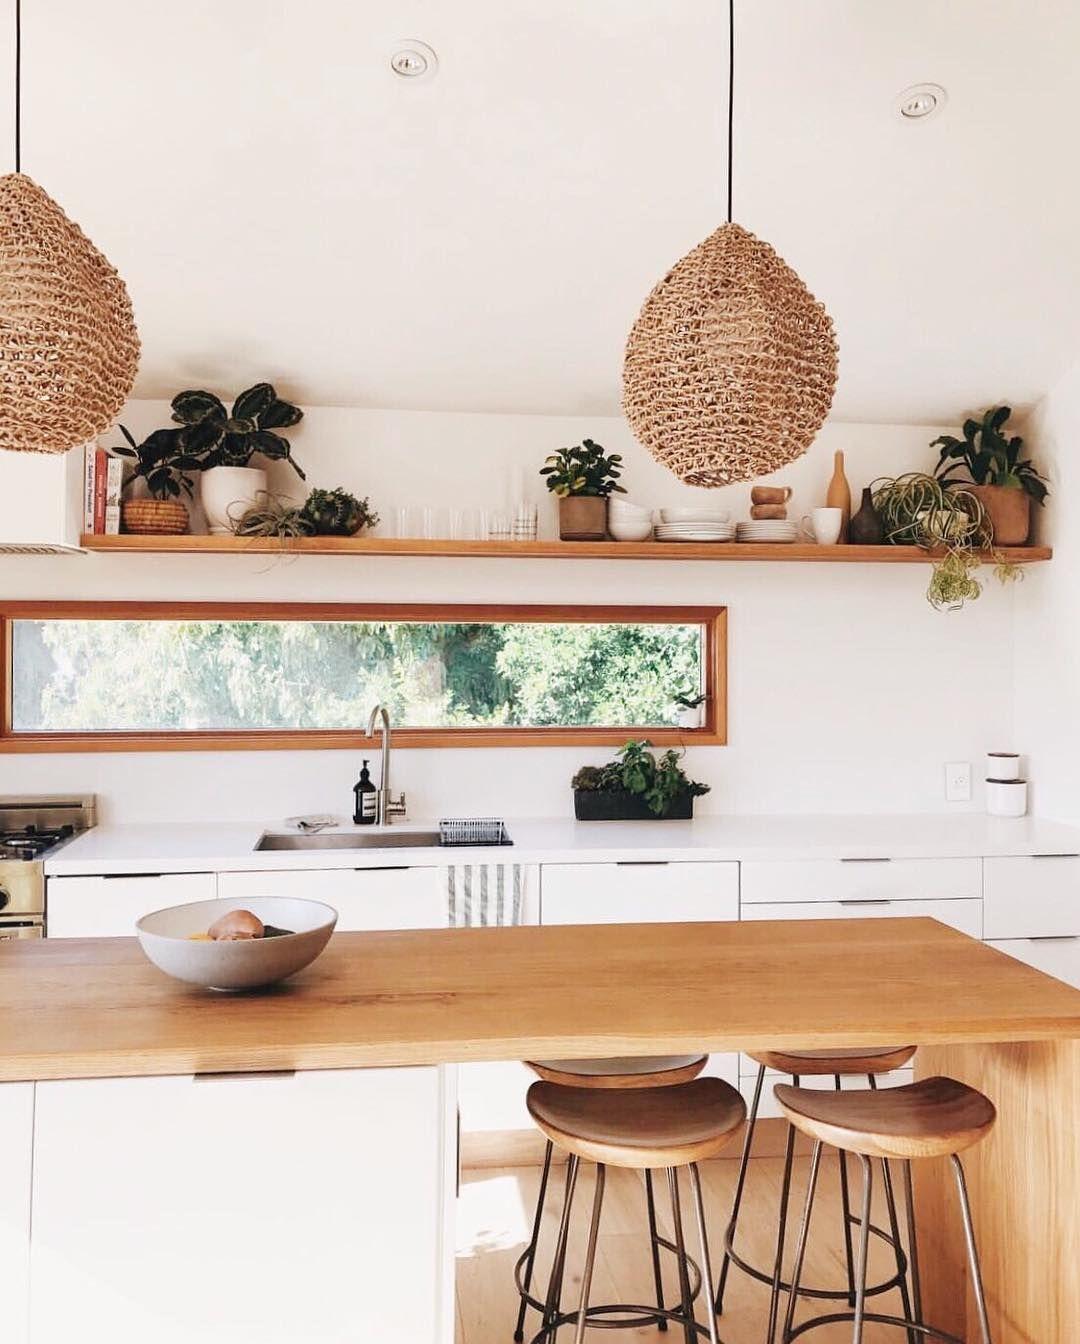 Simple Current Kitchen With A View Regram From Westandwild Minimal Kitchen Design Interior Design Kitchen Home Decor Kitchen